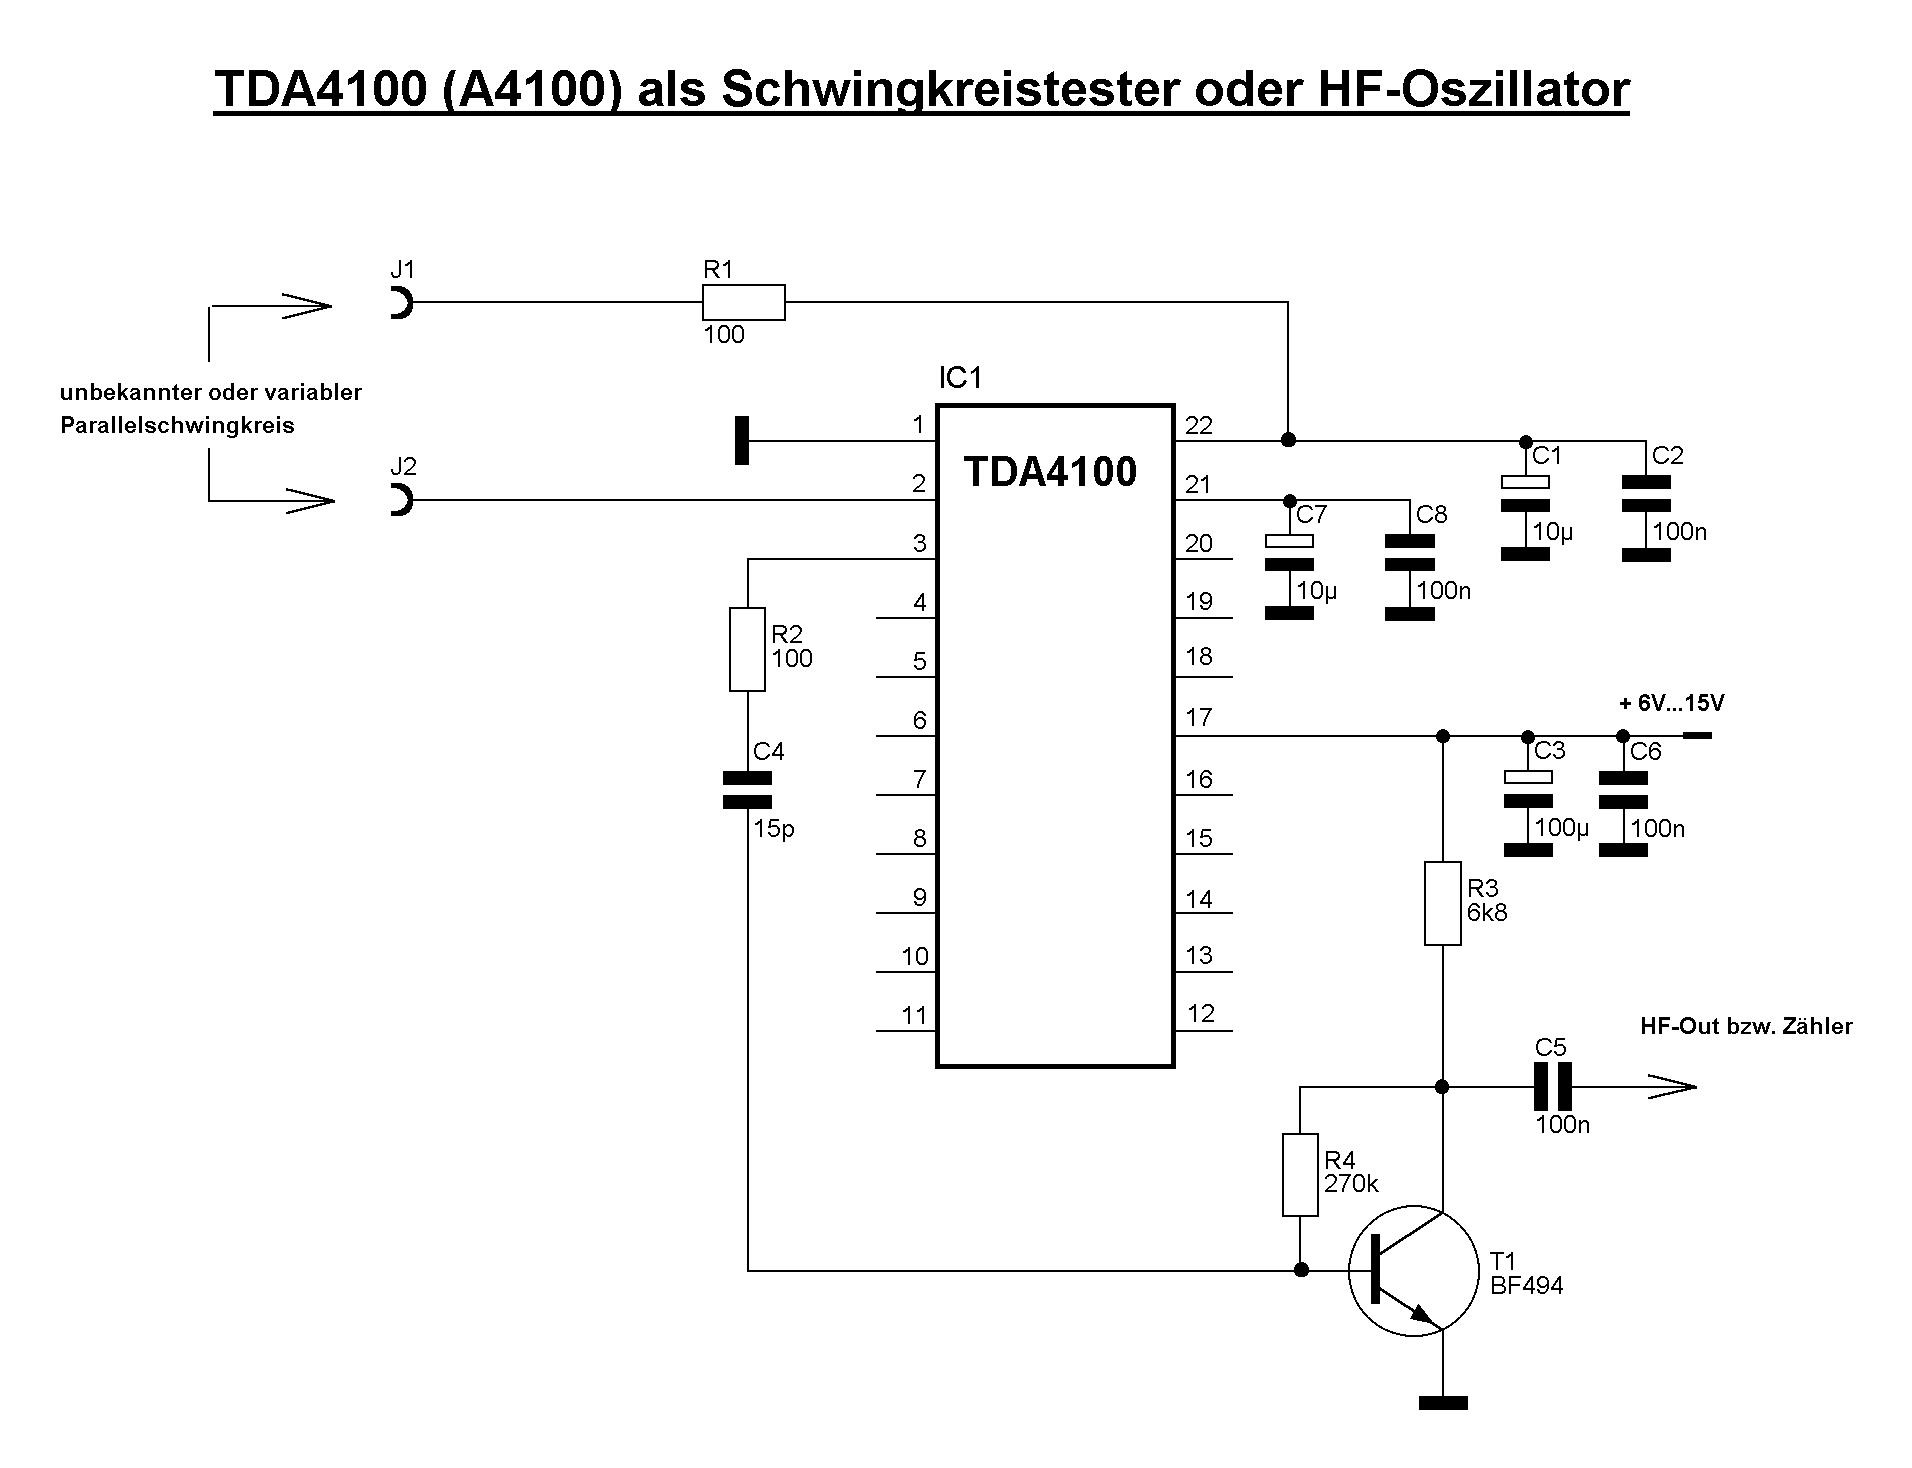 Treffpunkt der Interessengemeinschaft :: Thema anzeigen - TDA4100 ...